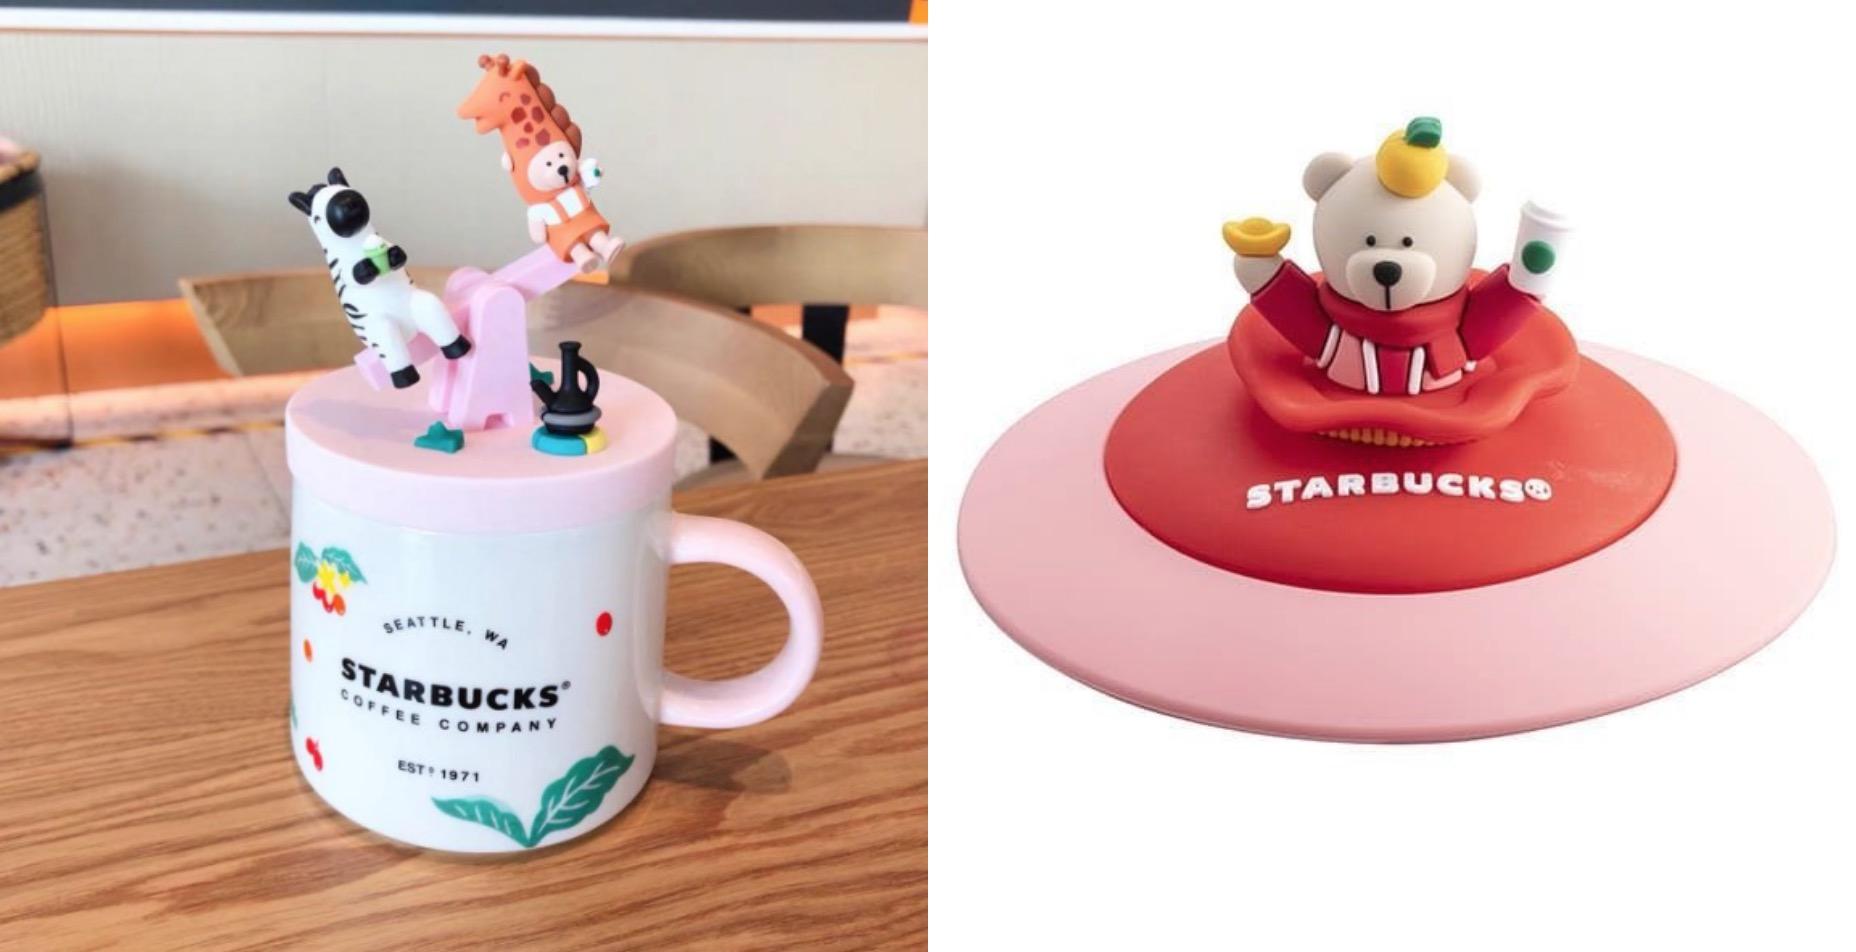 想要體驗更療癒的咖啡時光,除了馬克杯外一定要搭配小熊杯蓋,不但能防塵還能擁有好心情。